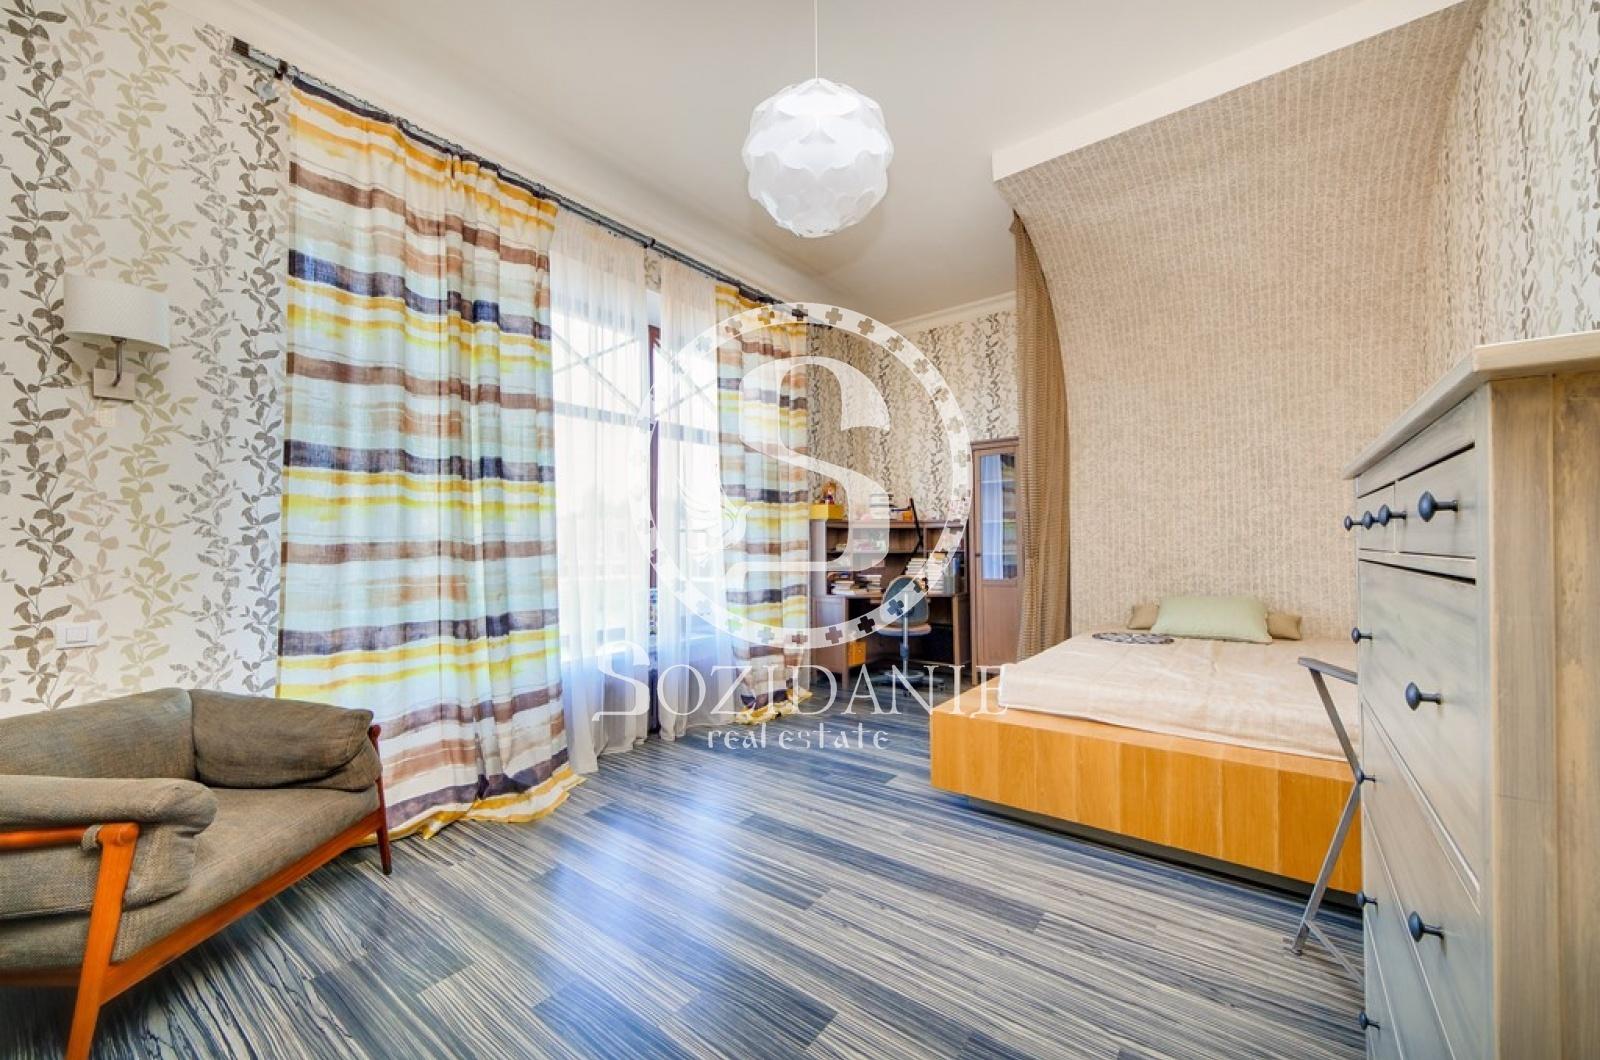 3 Bedrooms, Загородная, Продажа, Listing ID 1279, Московская область, Россия,